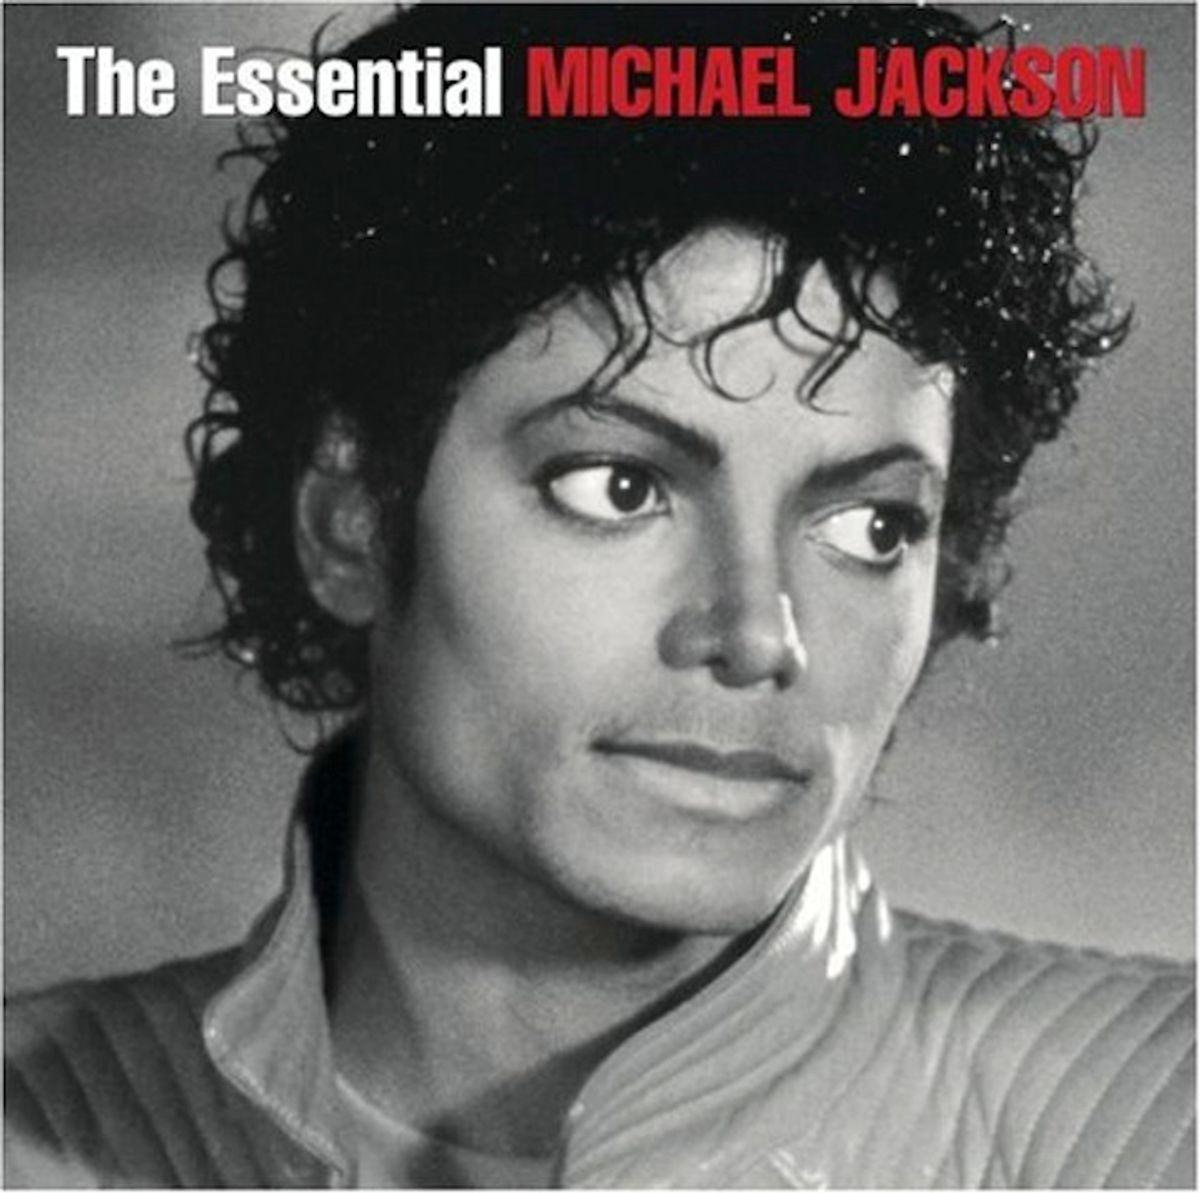 Album cover of The Essential Michael Jackson